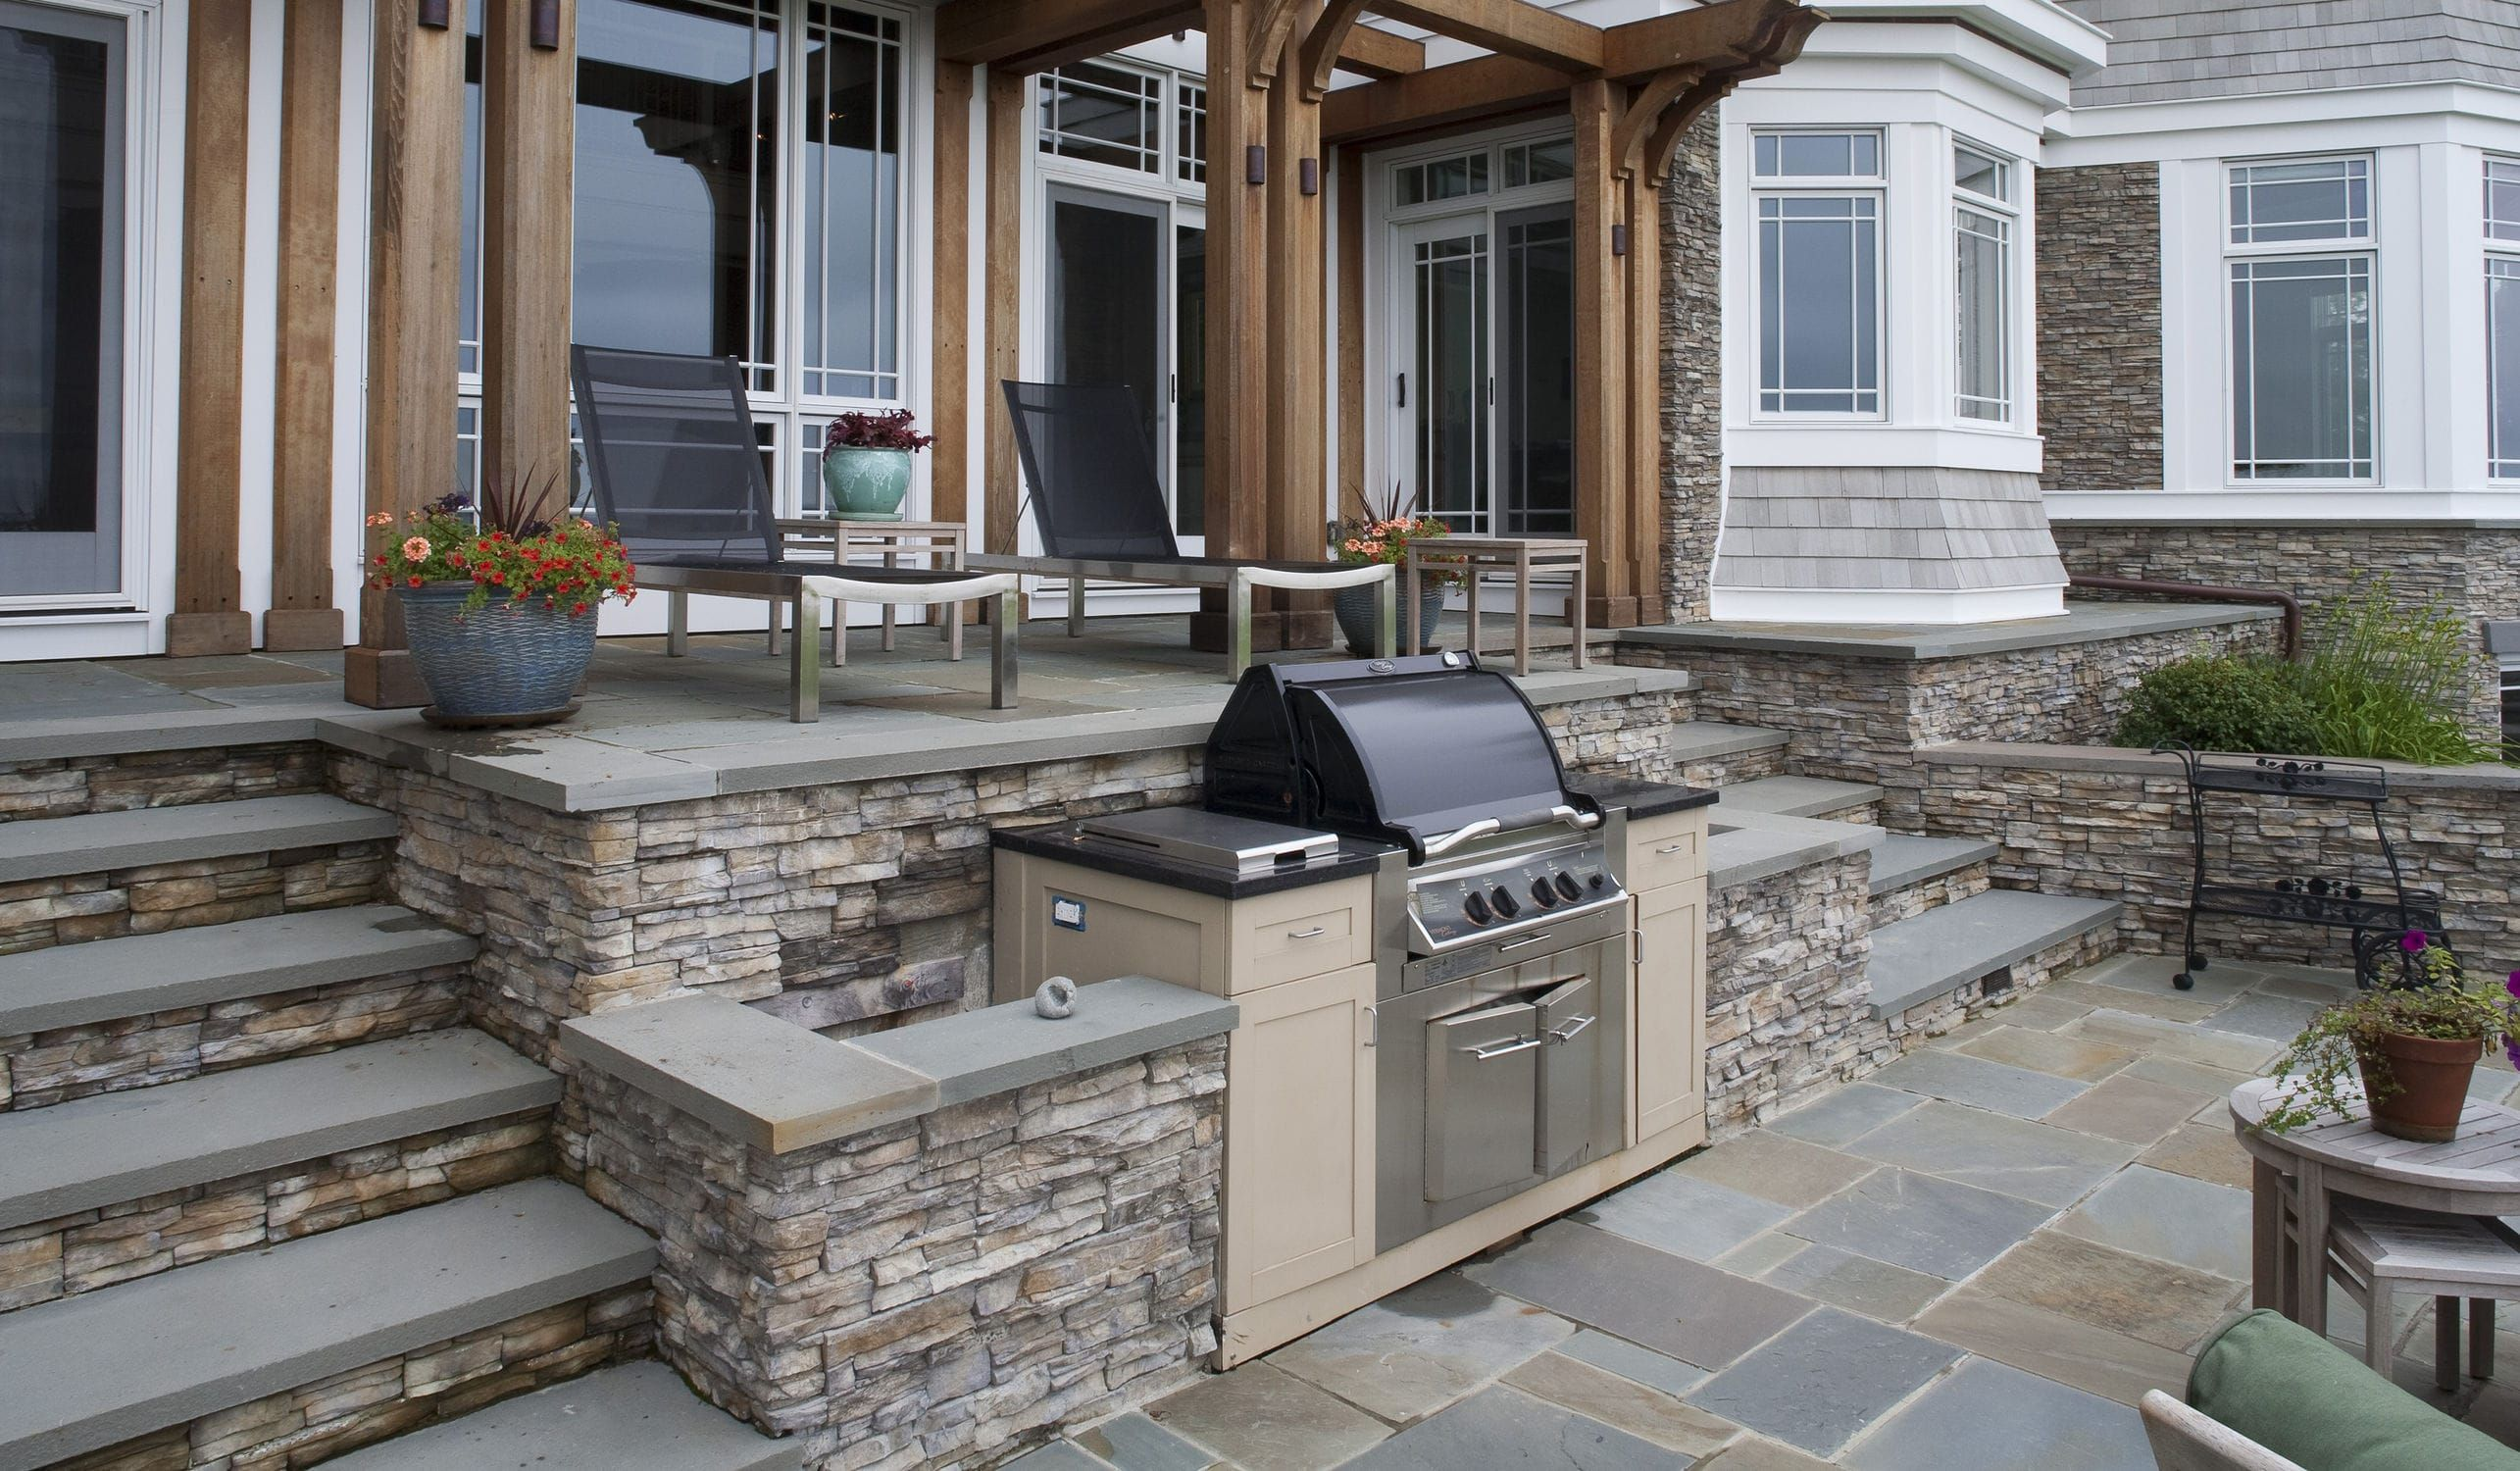 Stone Wall Cladding Exterior Stacked Stone Nantucket Eldorado Stone Outdoor Kitchen Design Build Outdoor Kitchen Outdoor Kitchen